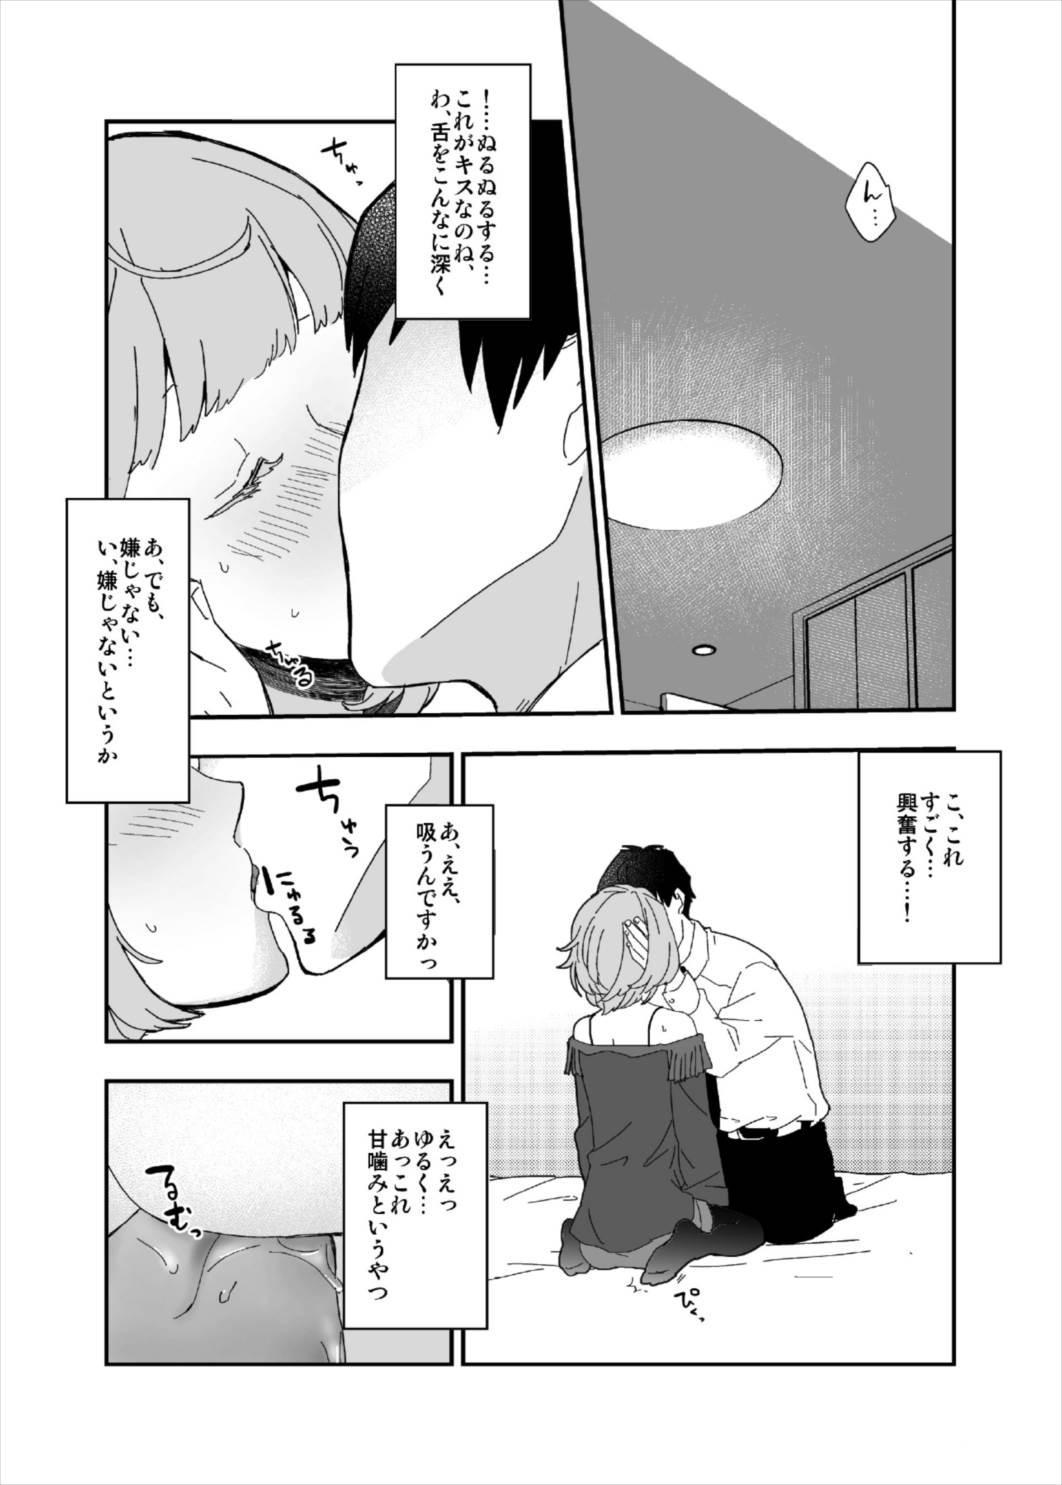 Takeuchi P to Takagaki Kaede-san ga Hatsu H de Mechakucha Ichaicha Suru Hon 4